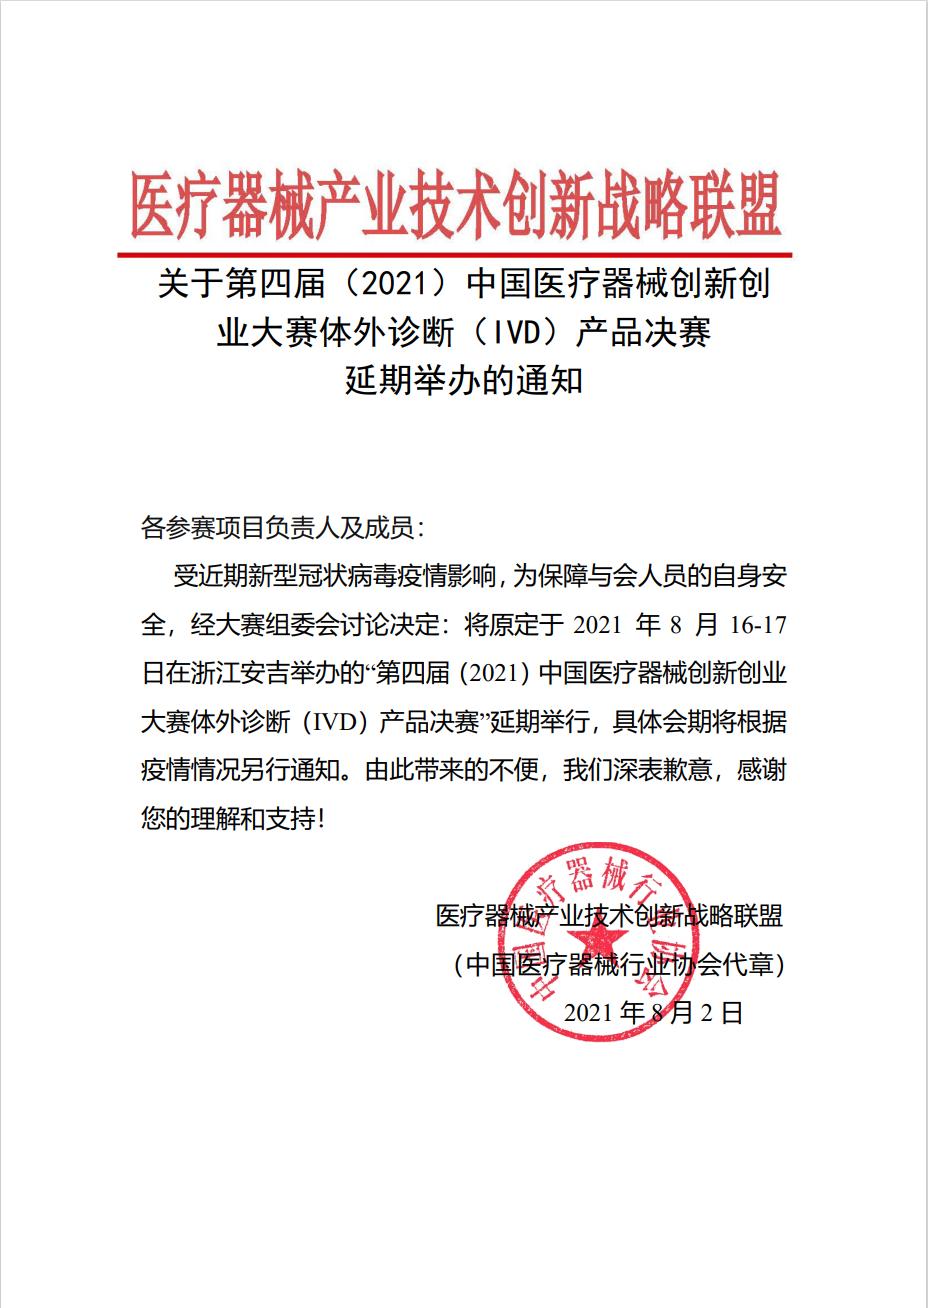 关于第四届(2021)中国医疗器械创新创业大赛体外诊断(IVD)产品决赛 延期举办的通知